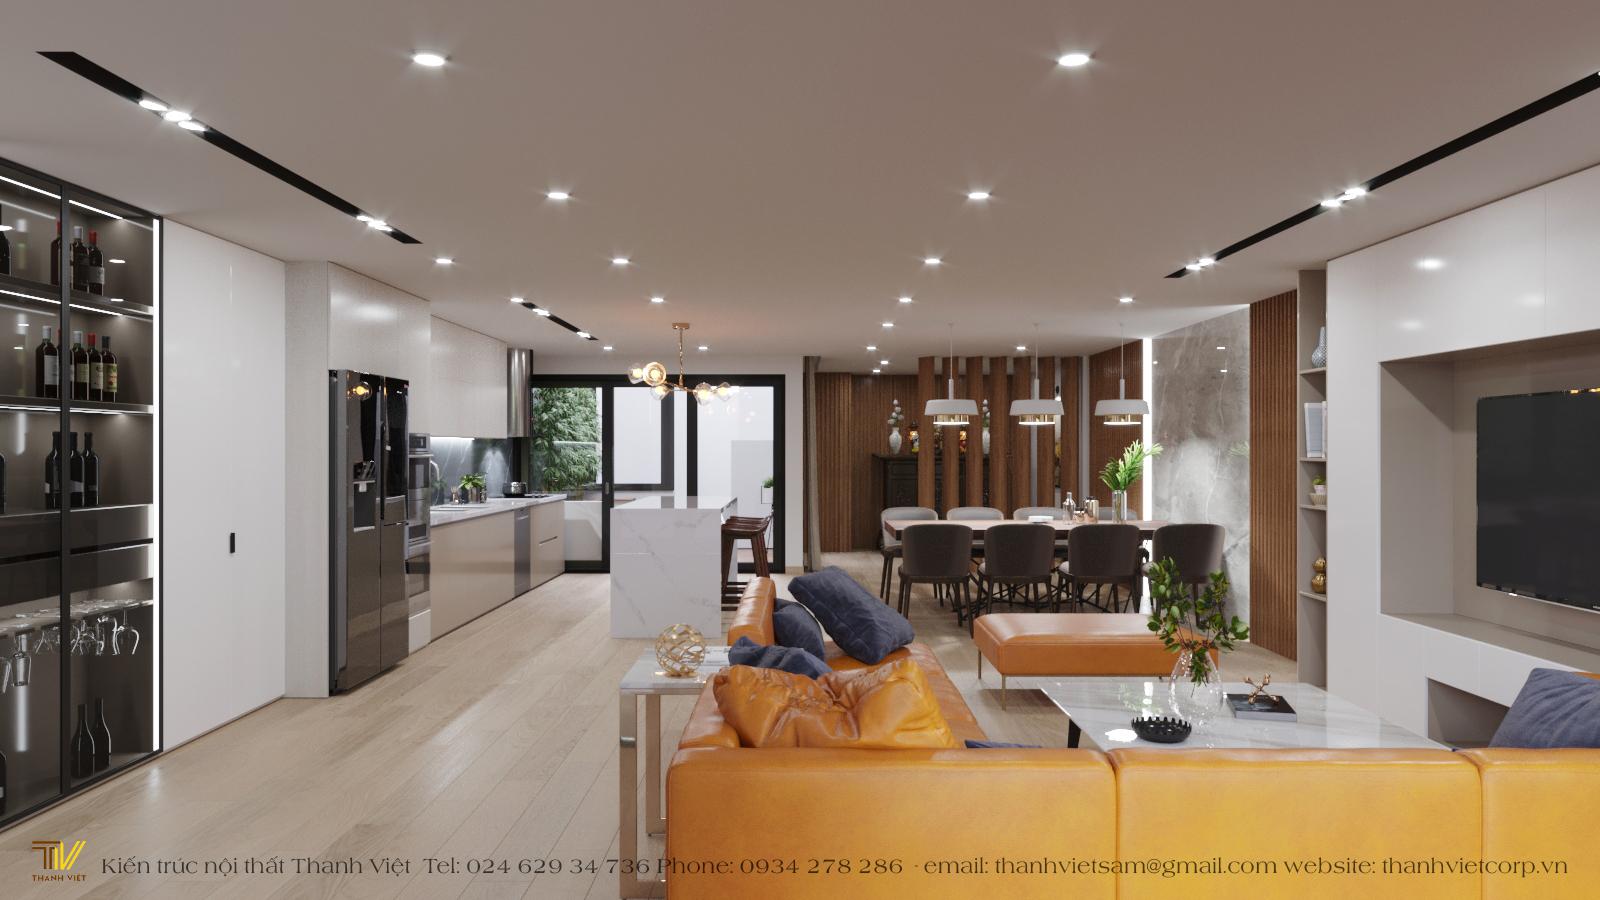 Thiết kế nội thất Nhà tại Hà Nội Tập thể Kẻ Vẽ 1577156589 0